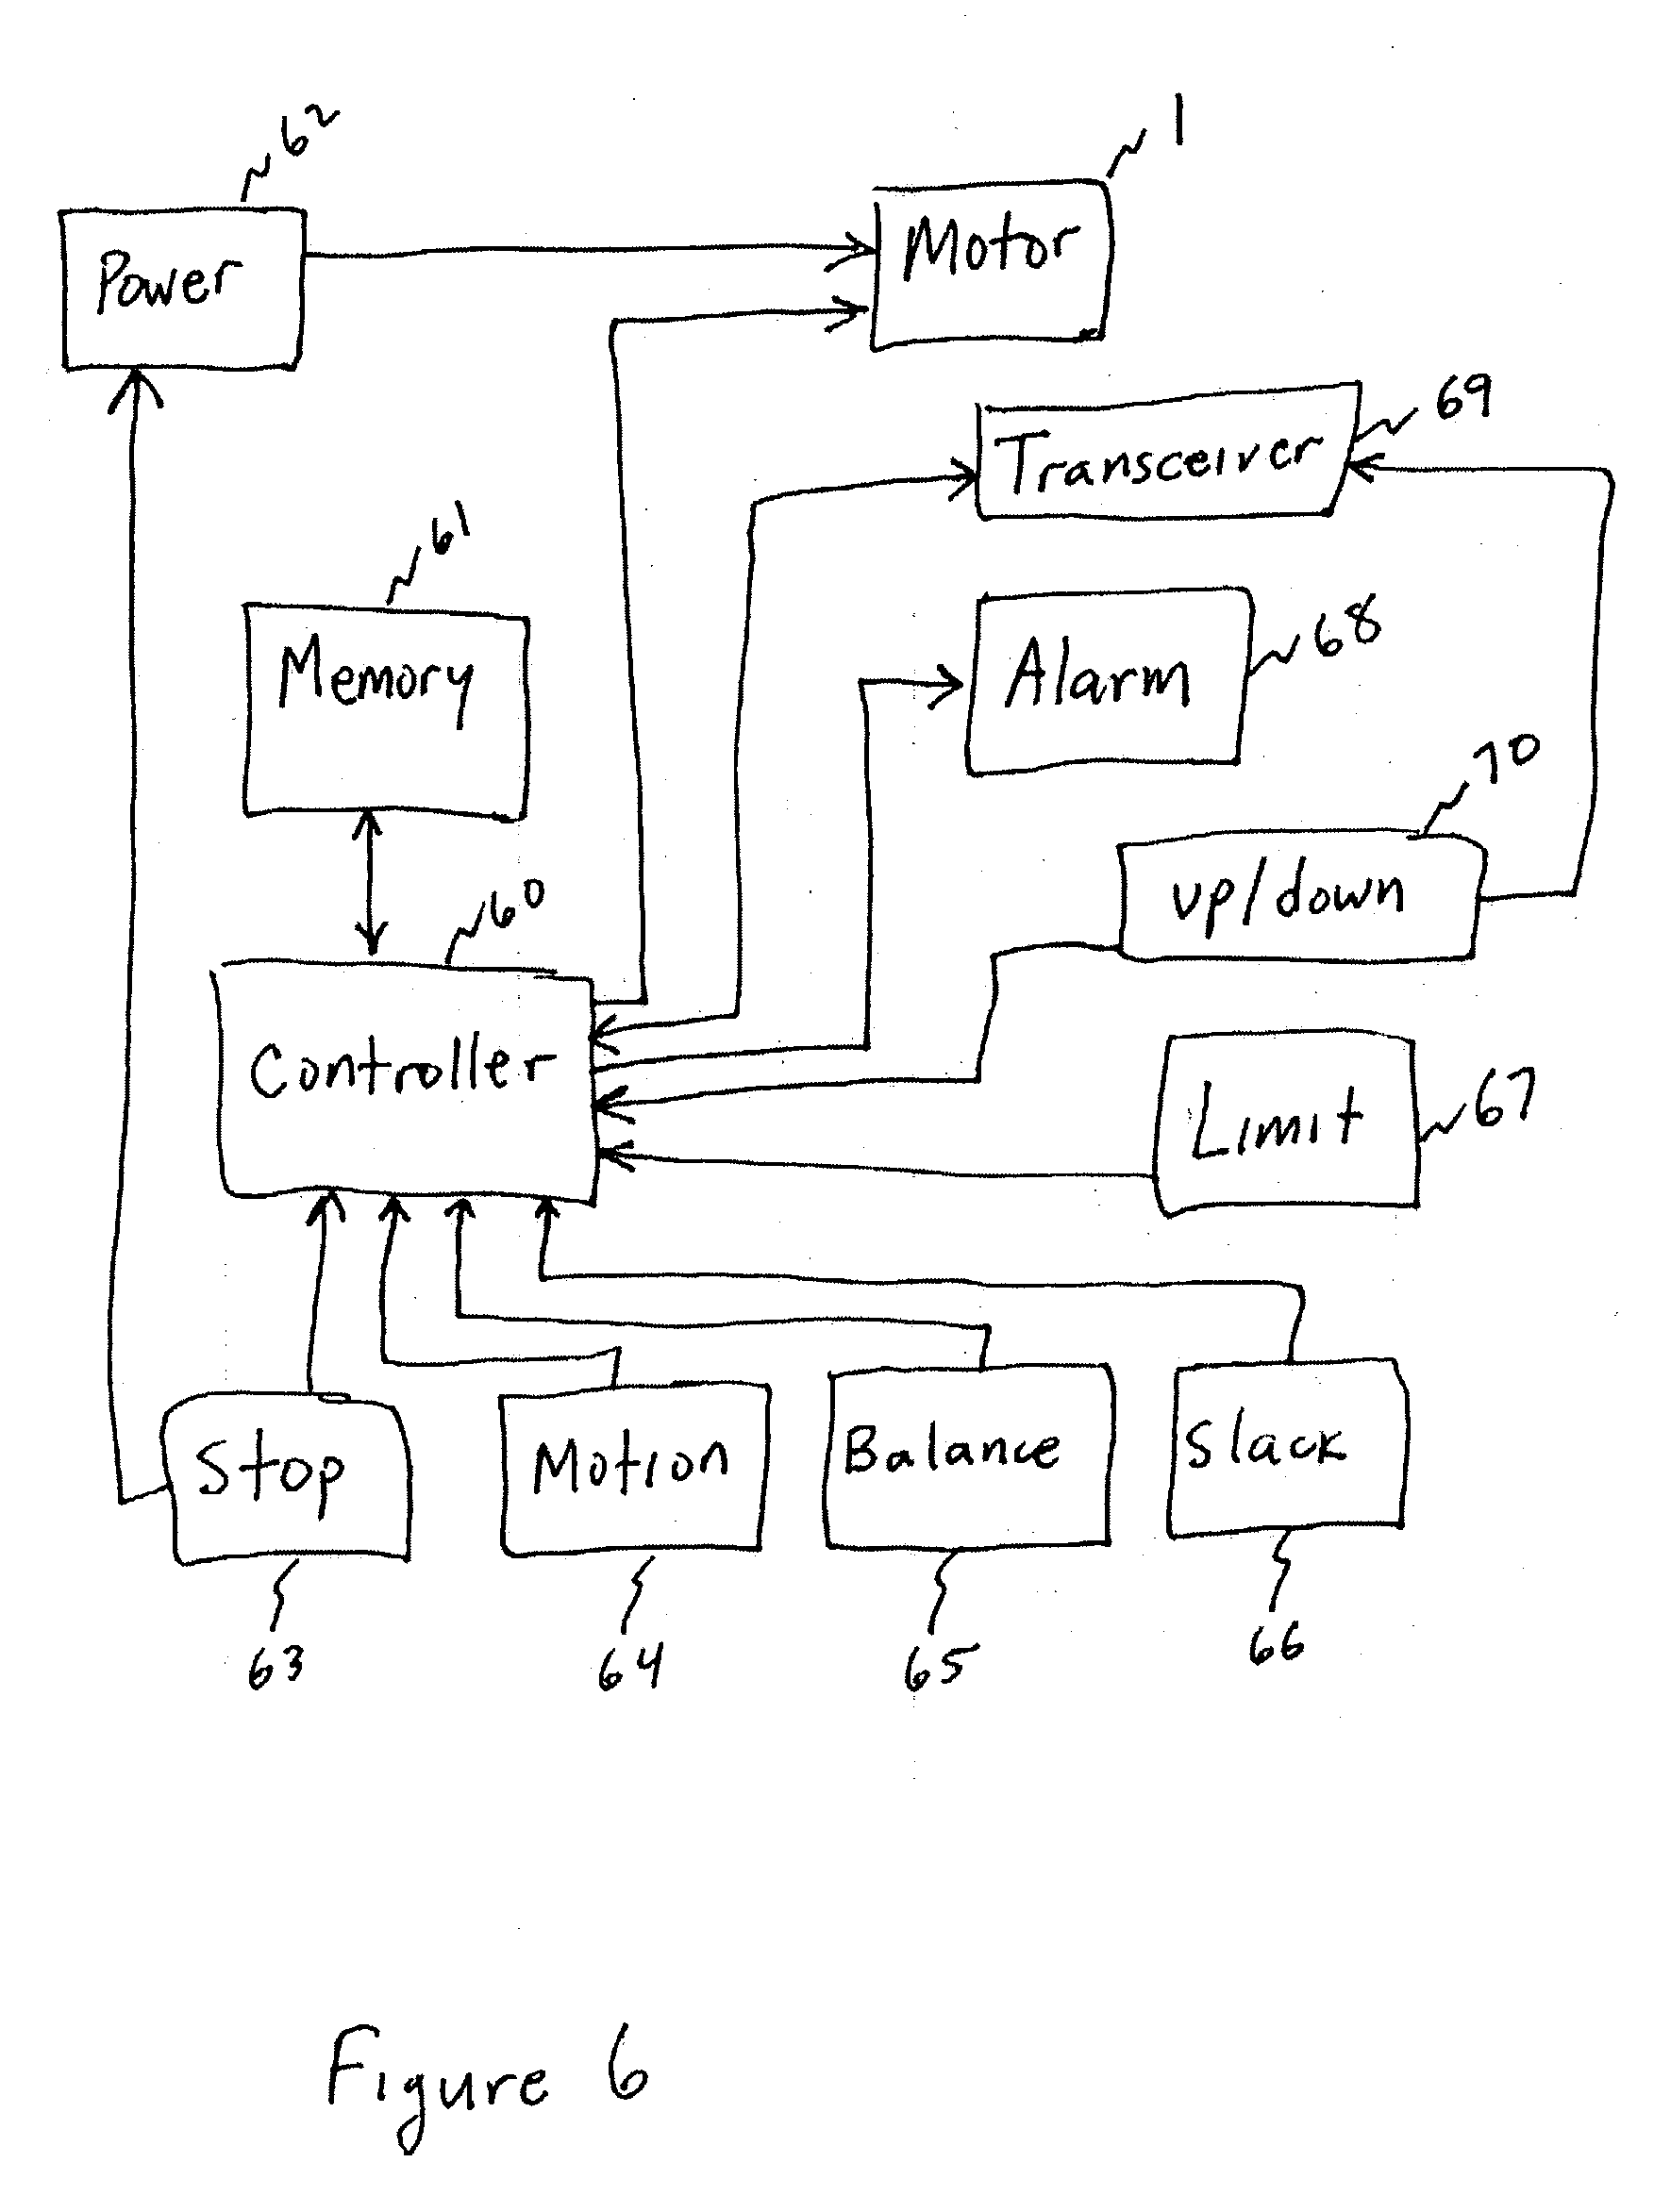 US20040238804A1 20041202 D00006 gfci wiring diagram feed through method,Sony Xplod Cdx Gt350mp Wiring